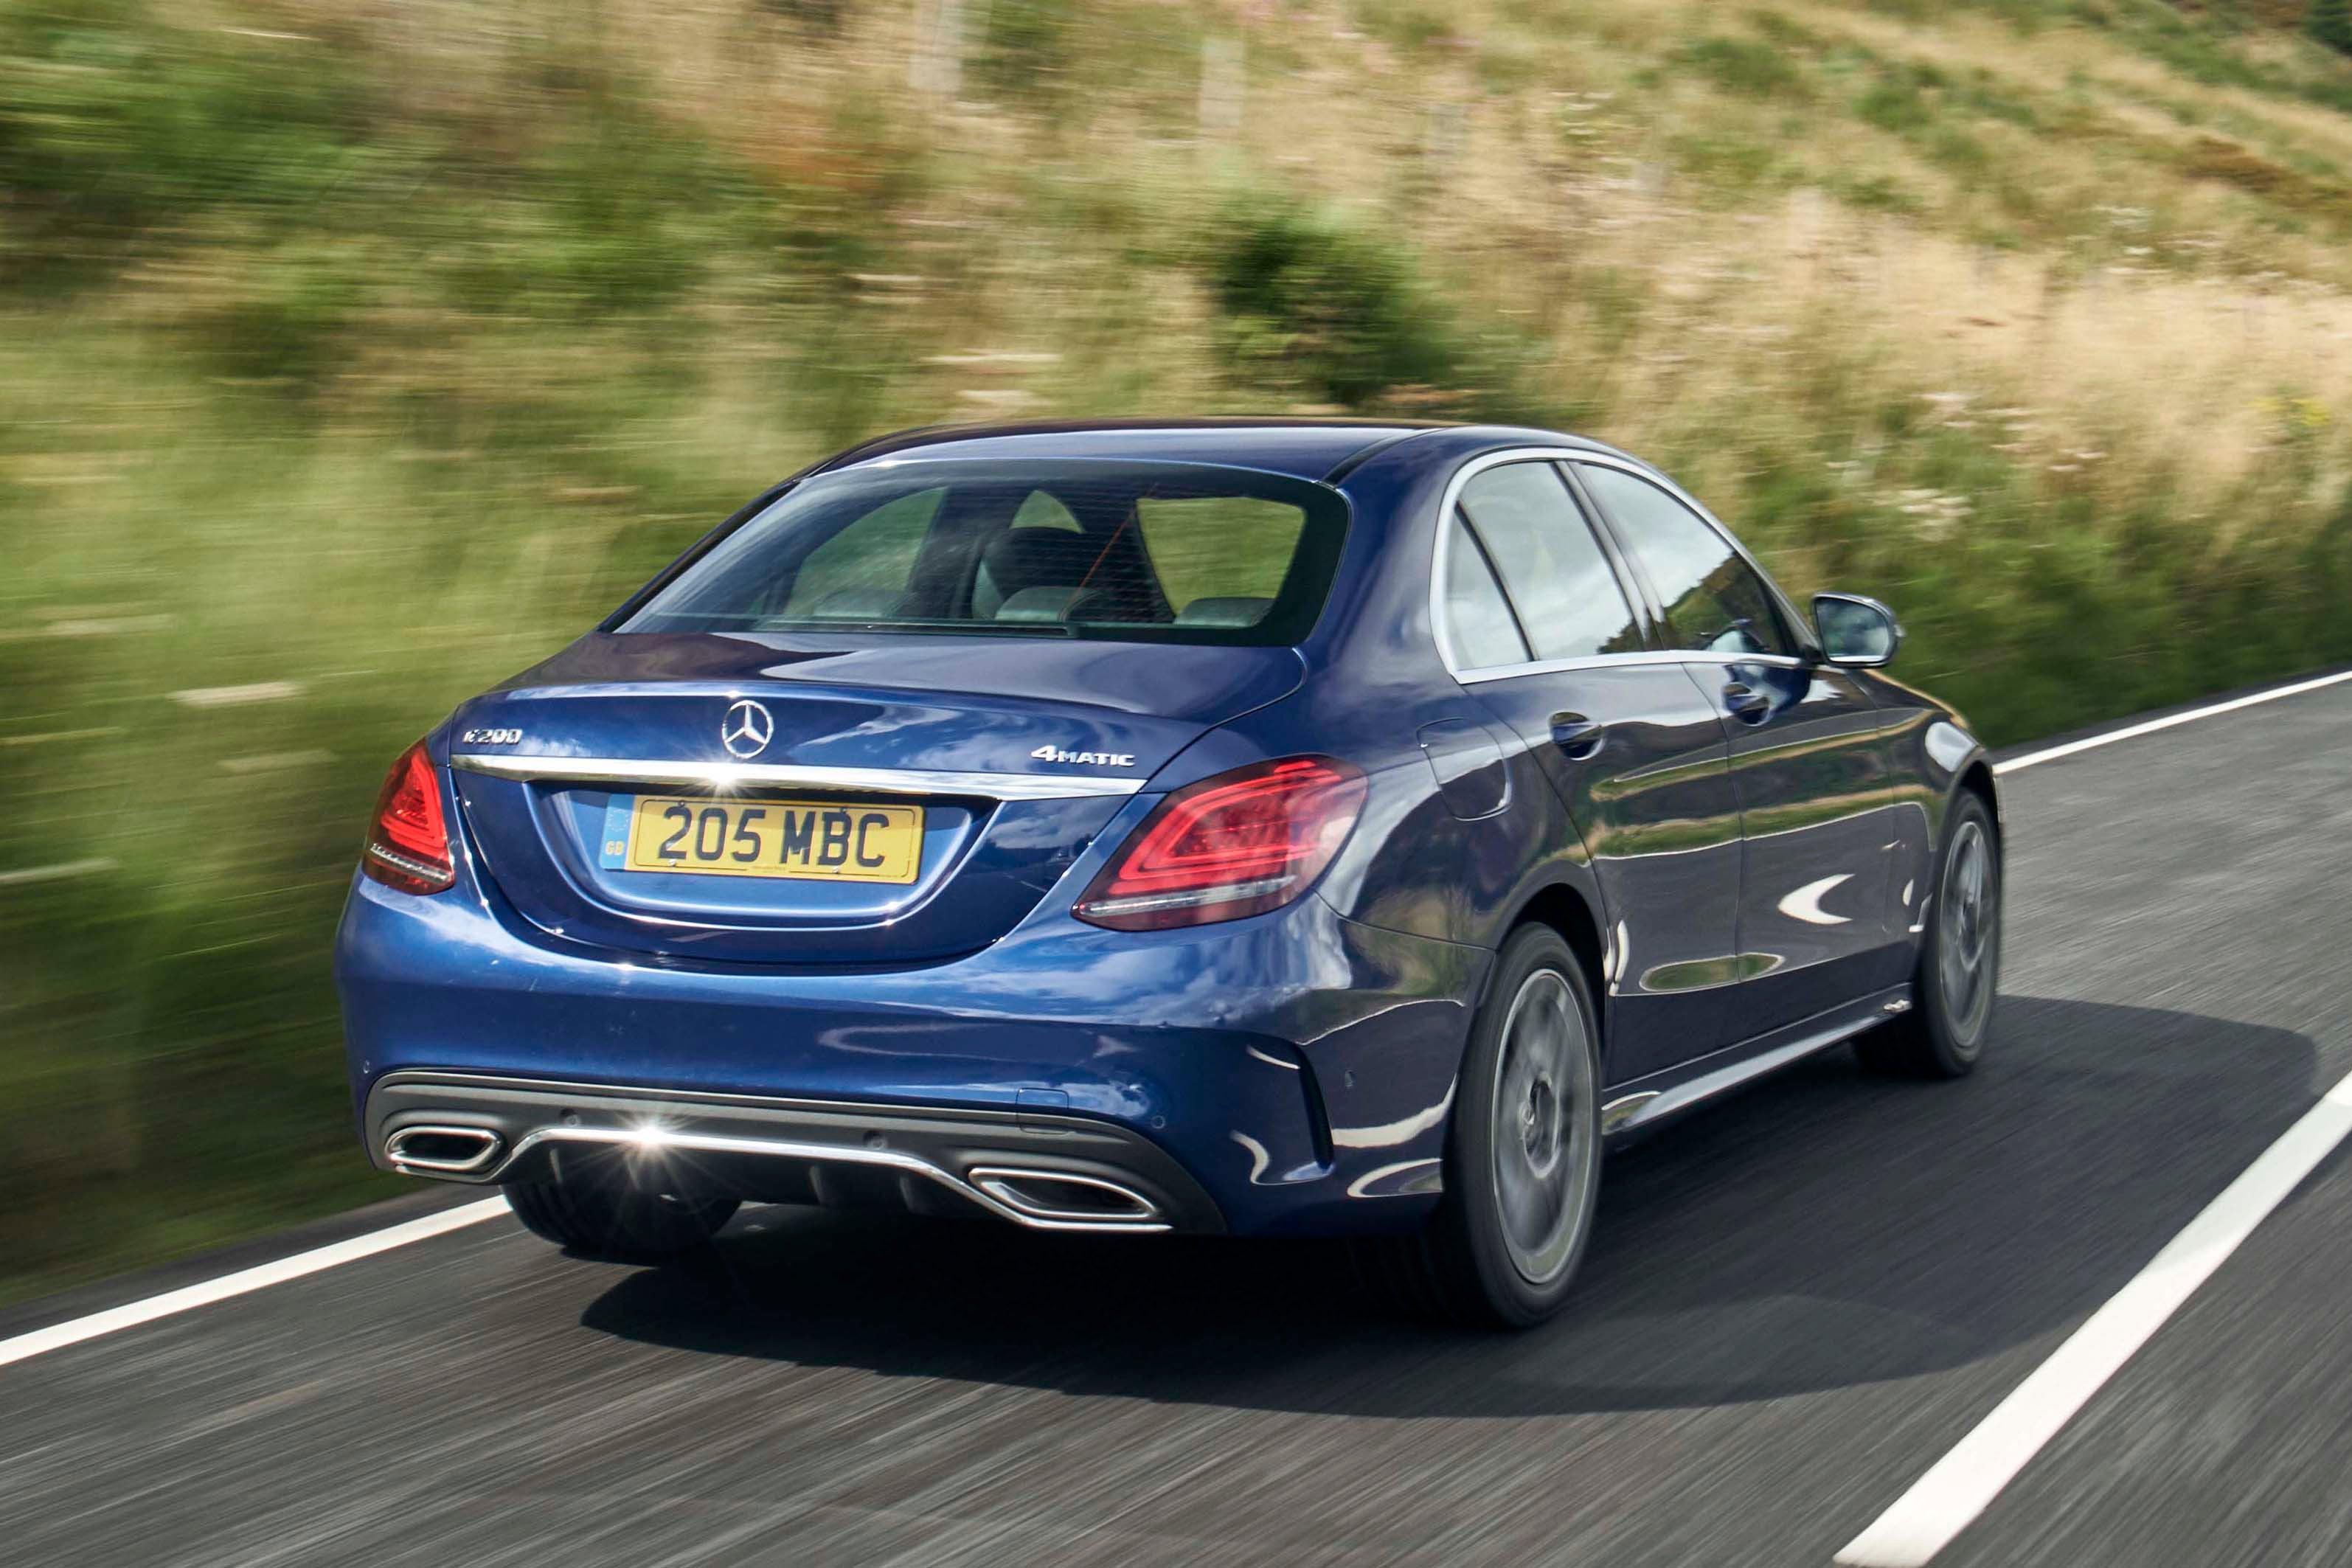 Mercedes C-Class backright exterior